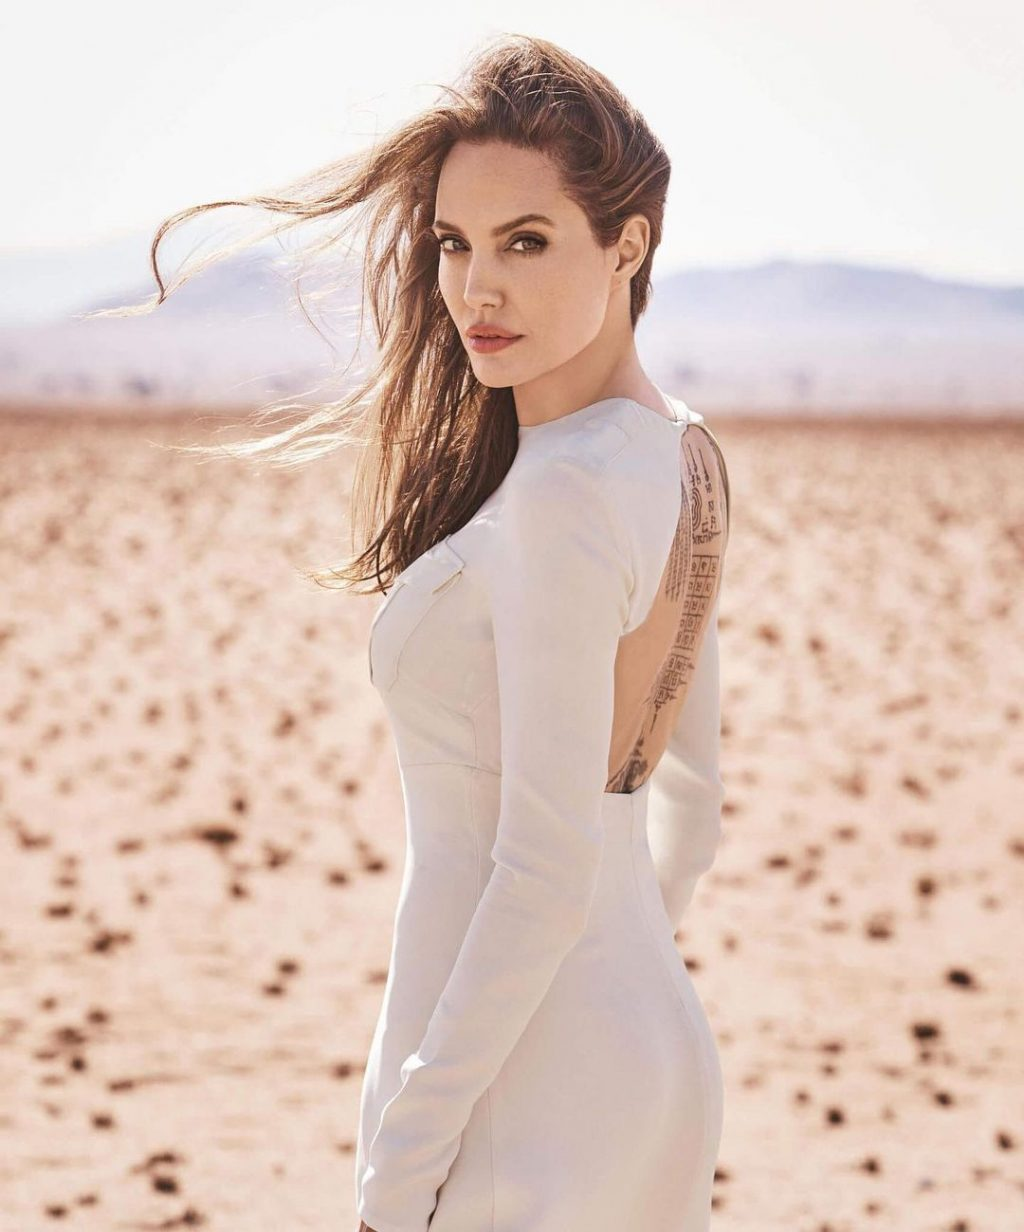 Phương pháp ăn kiêng của sao nữ Angelina Jolie